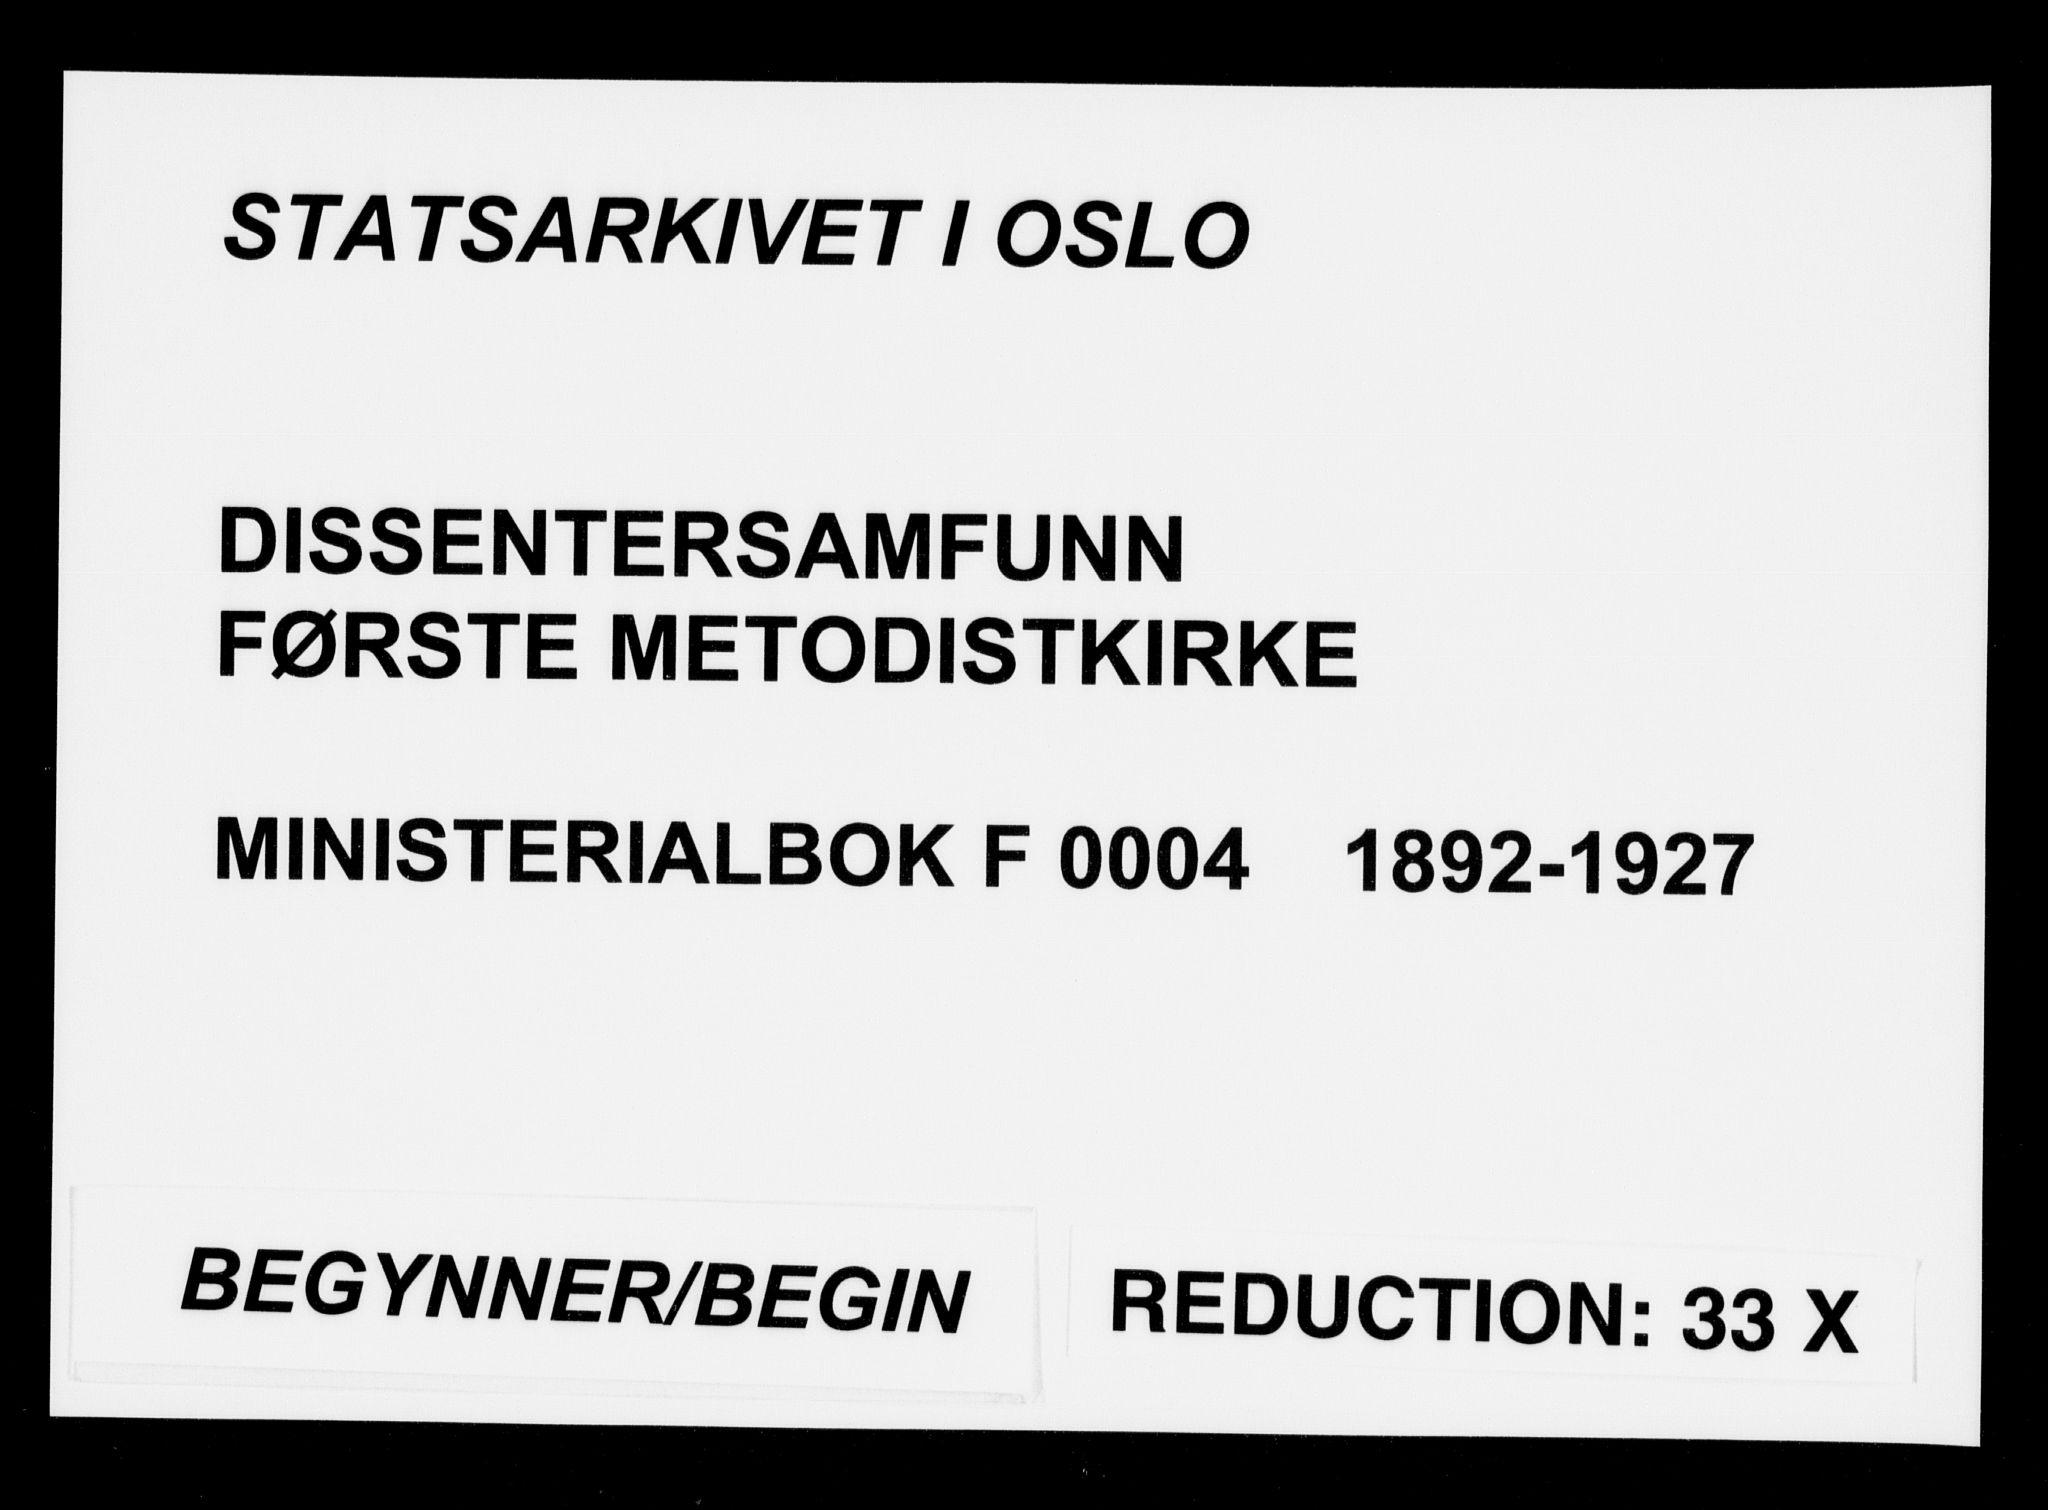 SAO, Første Metodistkirke Oslo -  menighetsprotokoller, F/L0004: Dissenterprotokoll nr. 4, 1892-1927